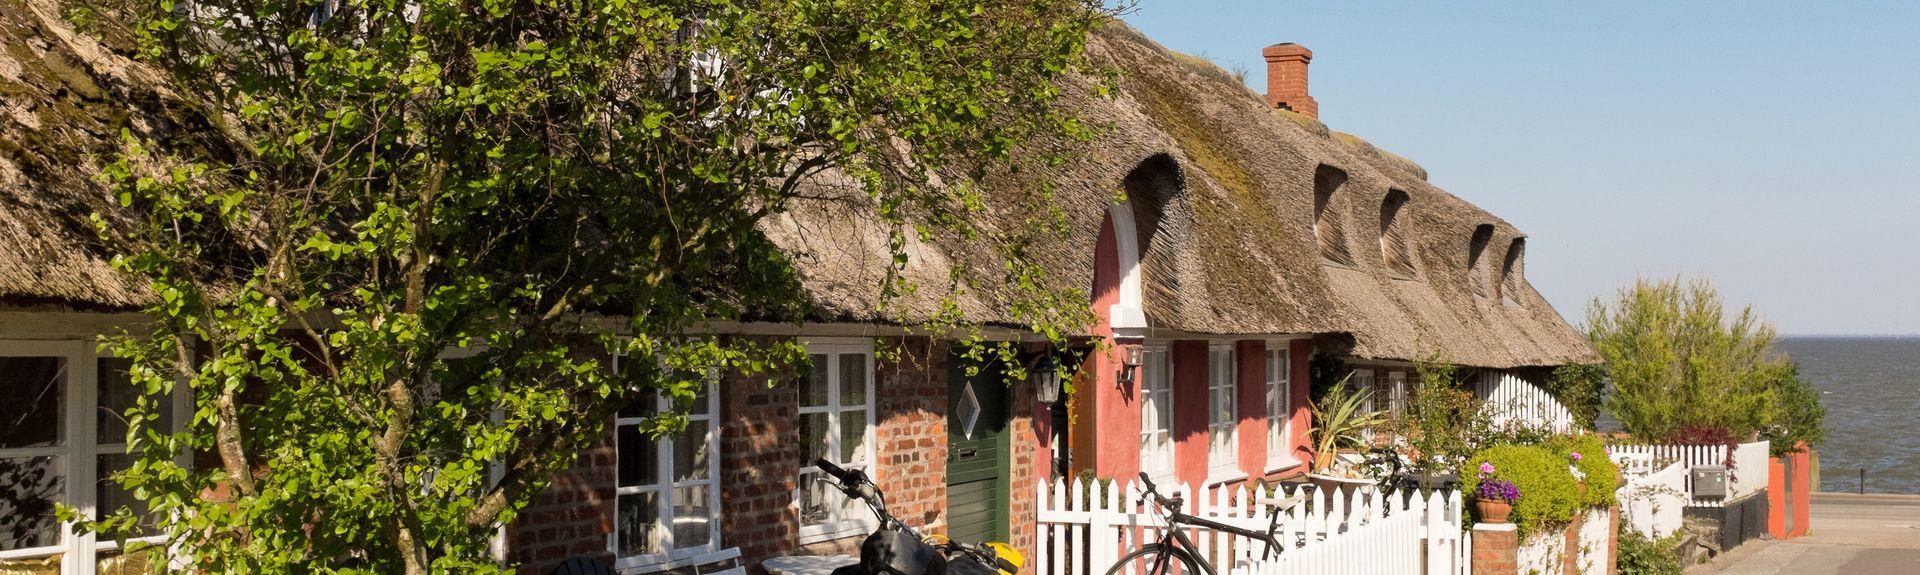 Fano, Syddanmark, Dänemark